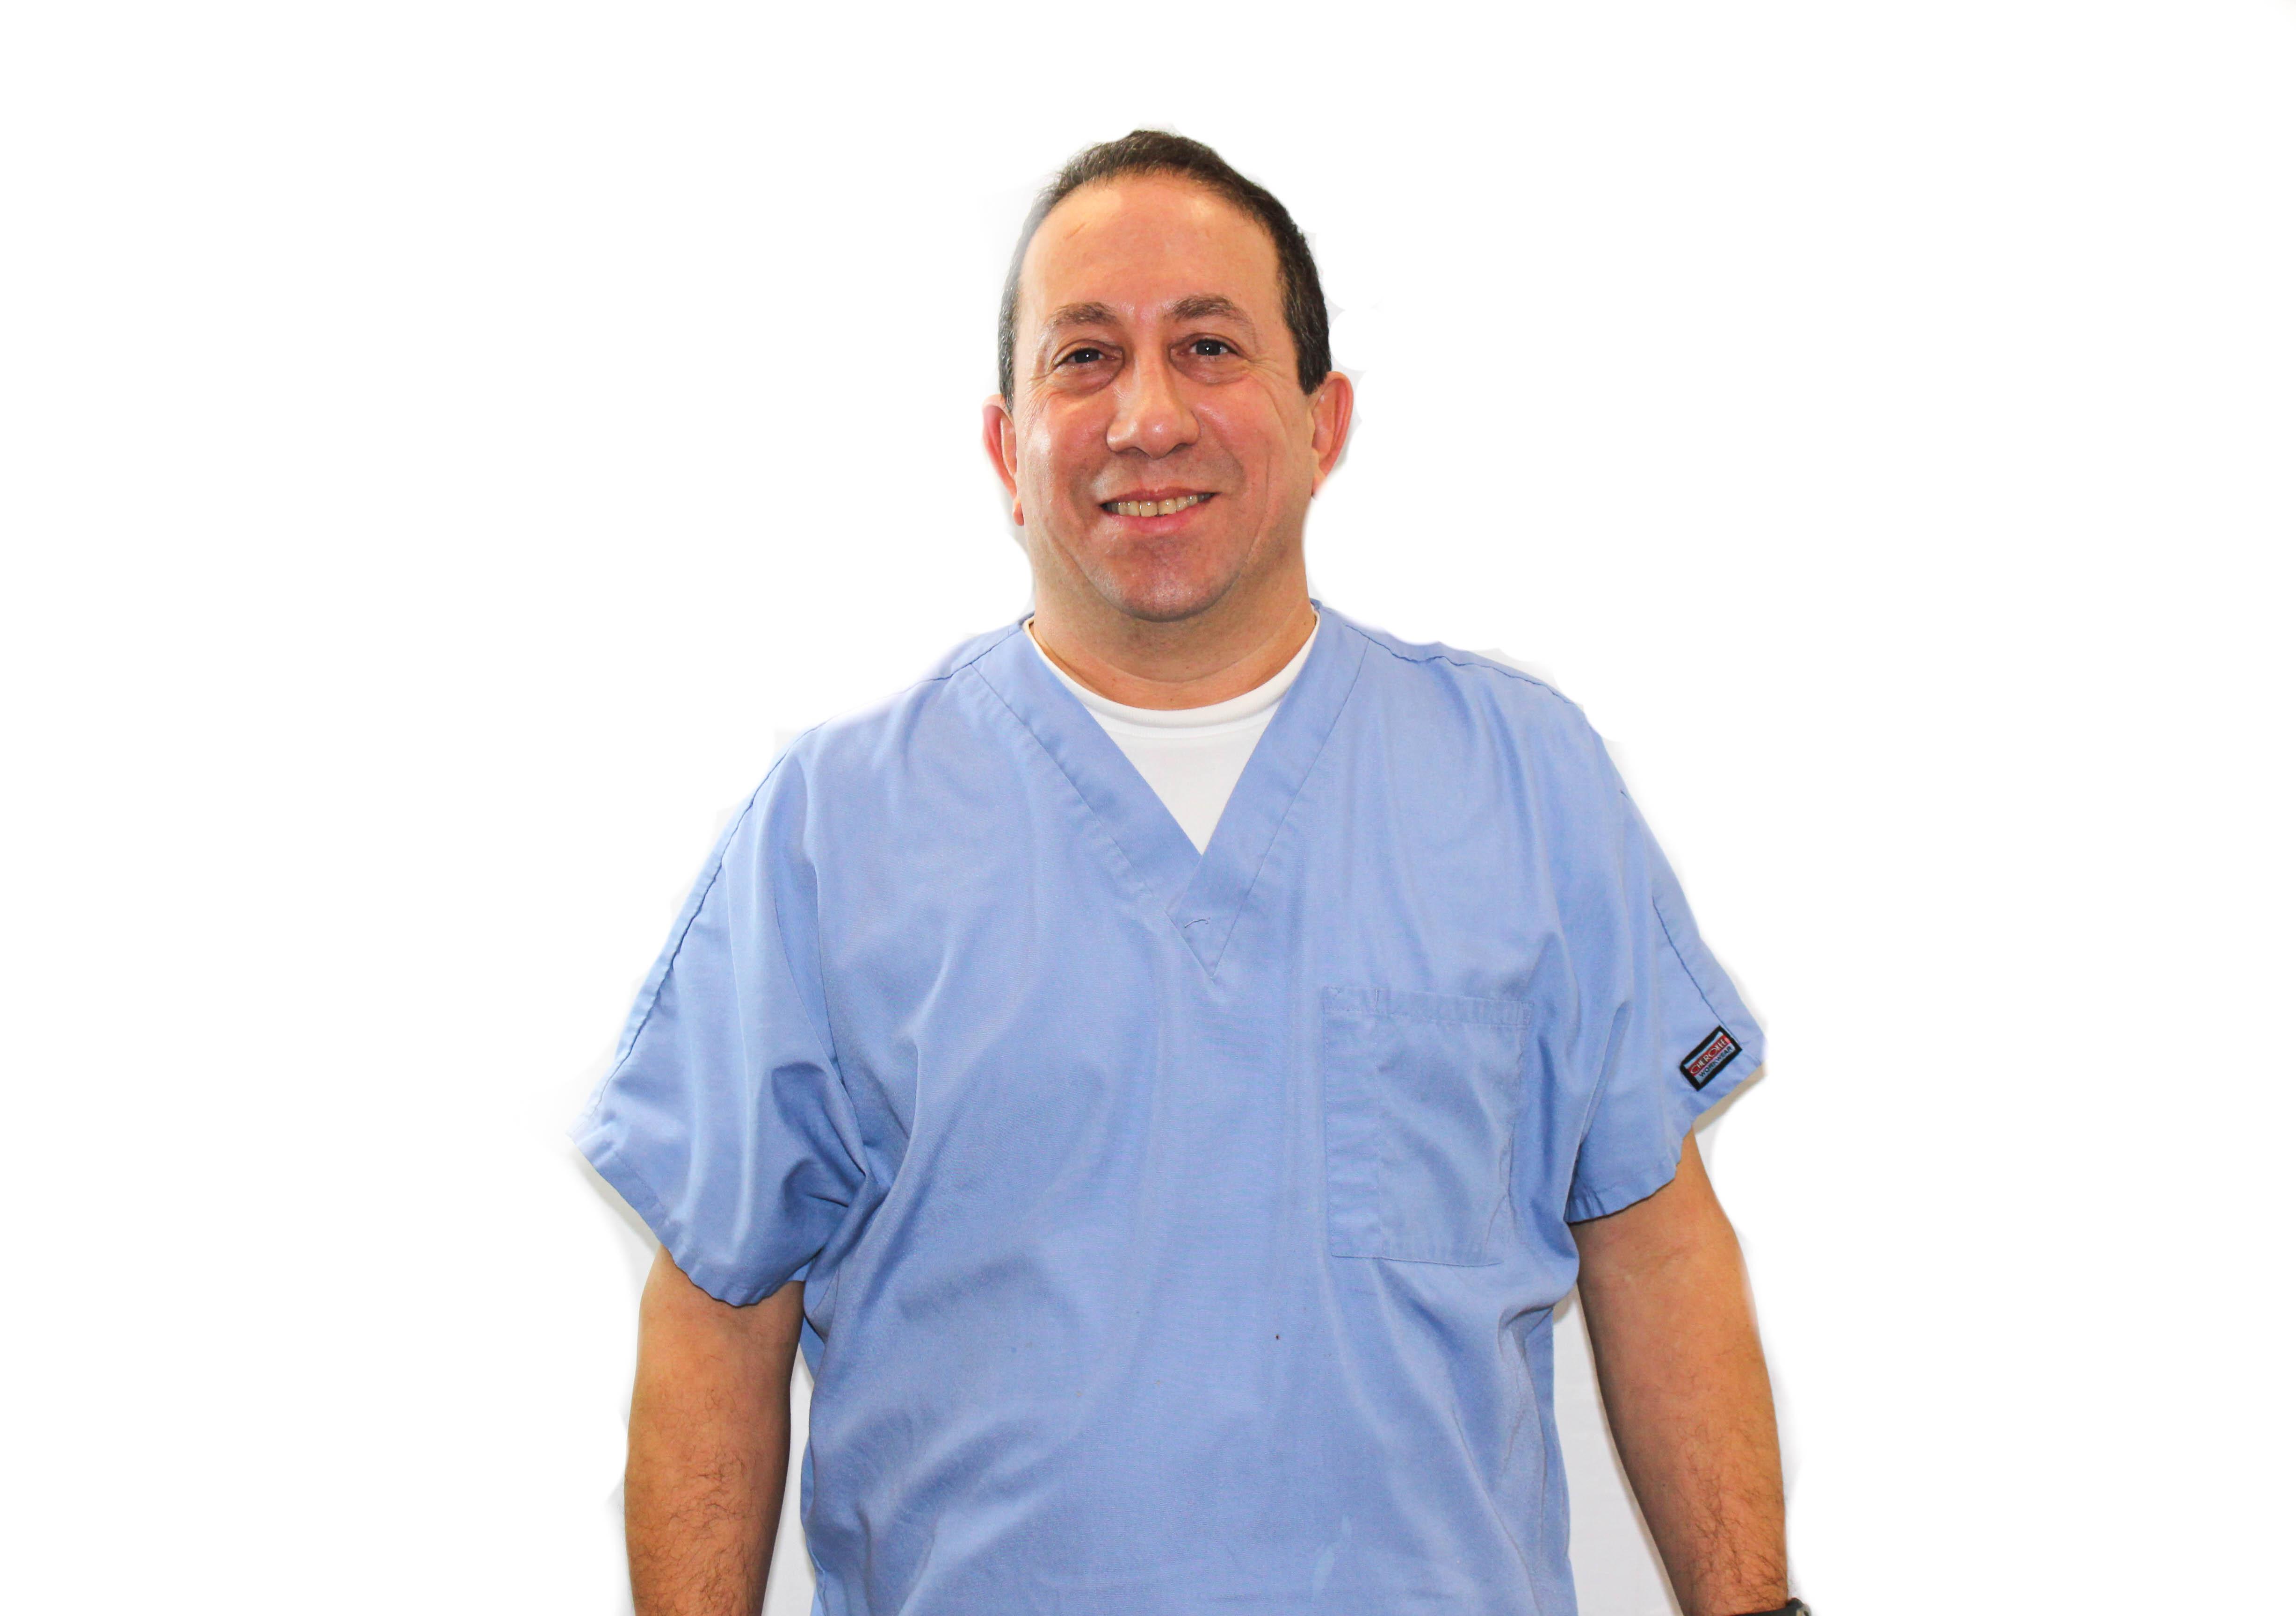 Dr. Silverio S. Mazzella